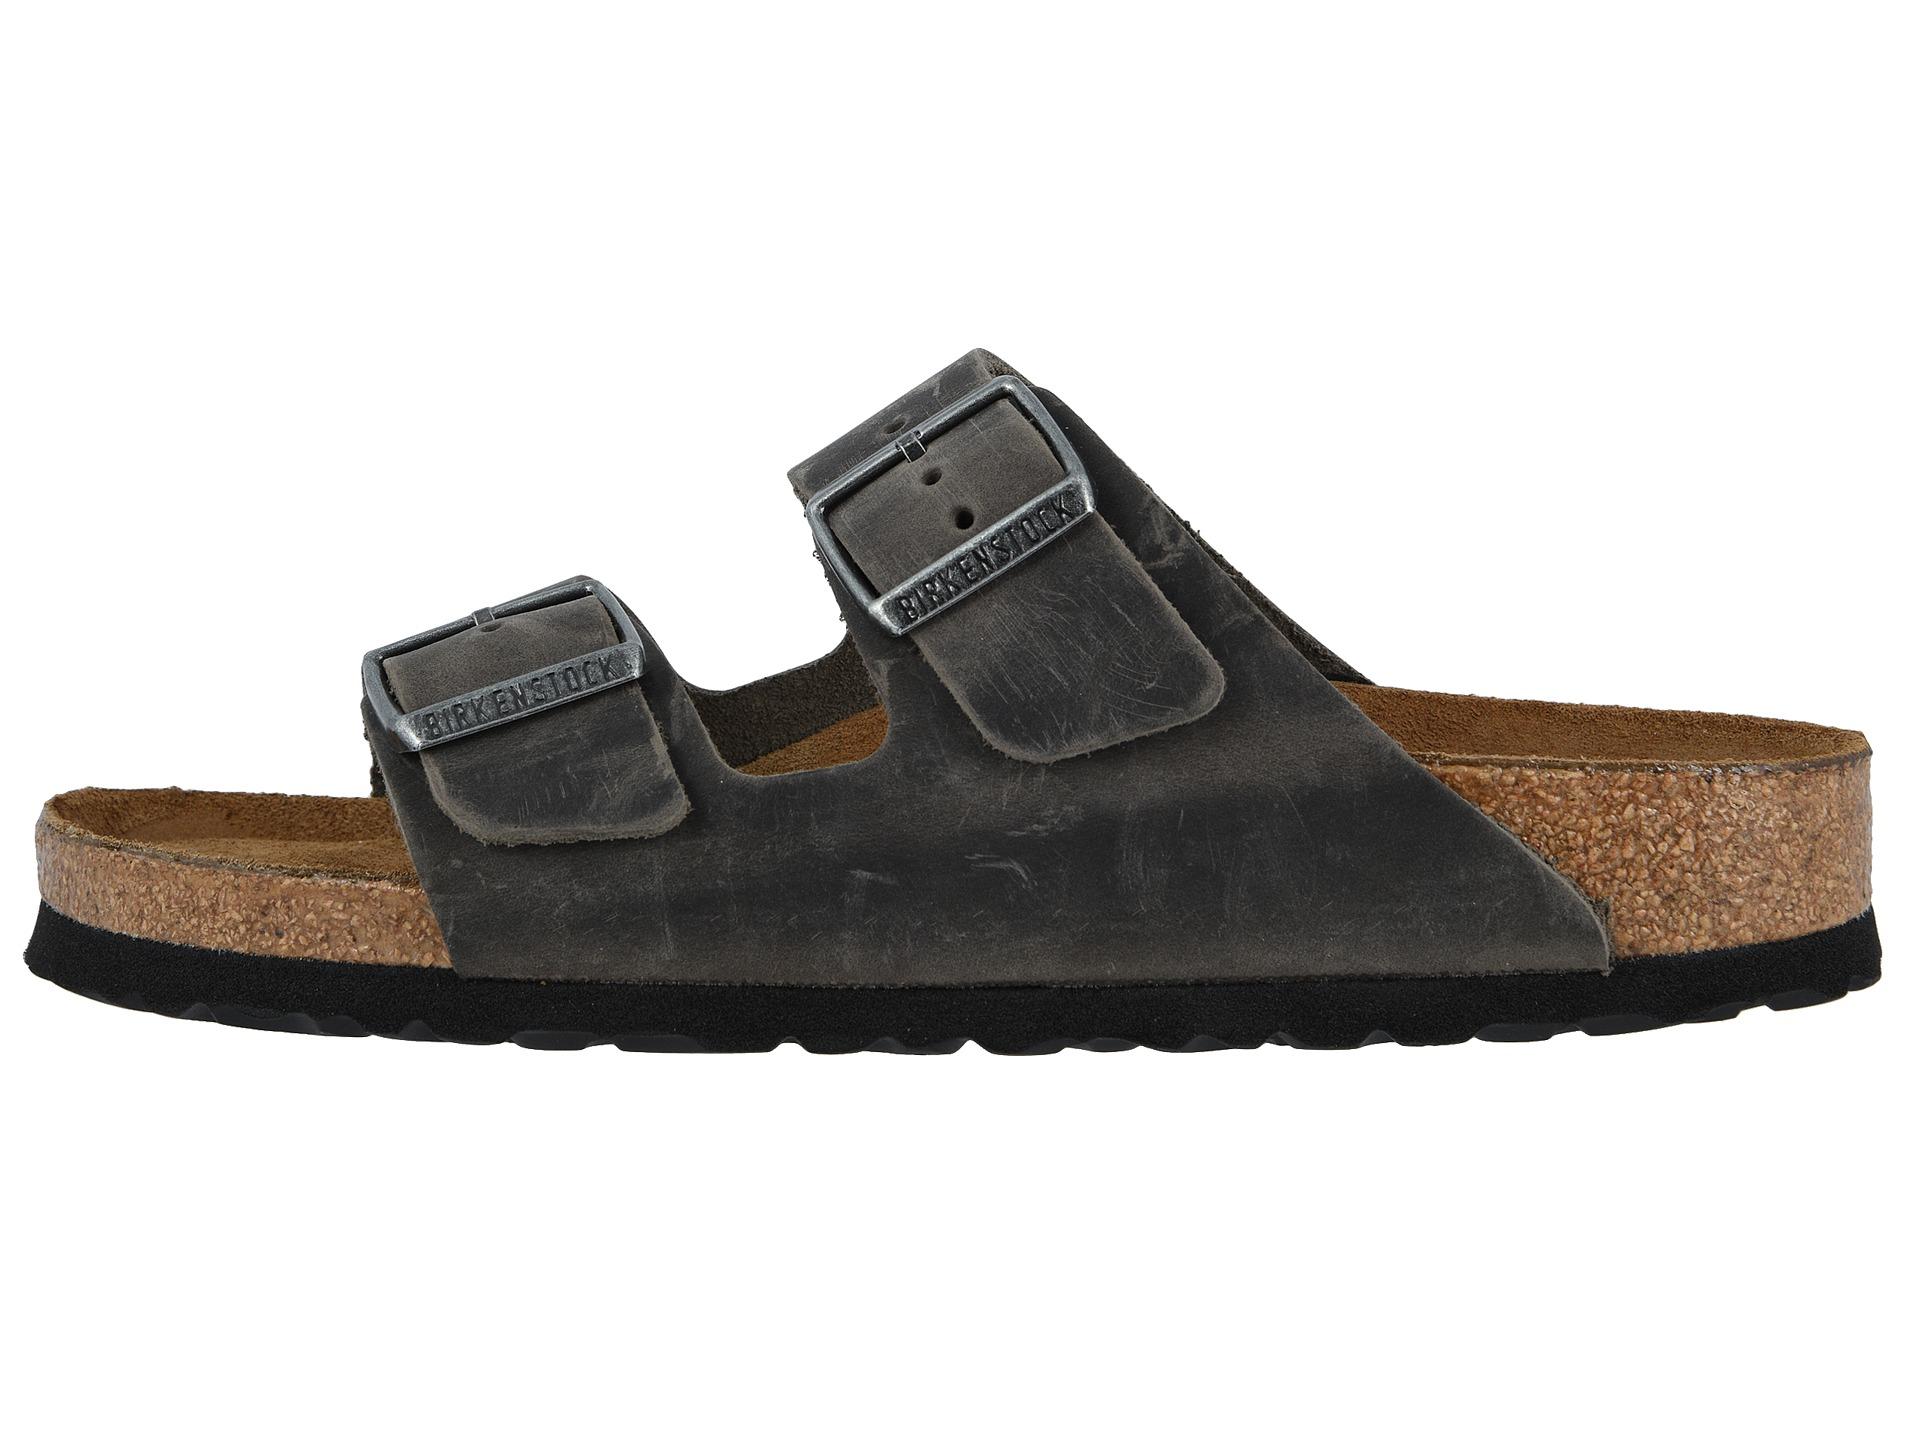 Birkenstock Arizona Soft Footbed - Leather (Unisex) Iron - Zappos.com Free Shipping BOTH Ways